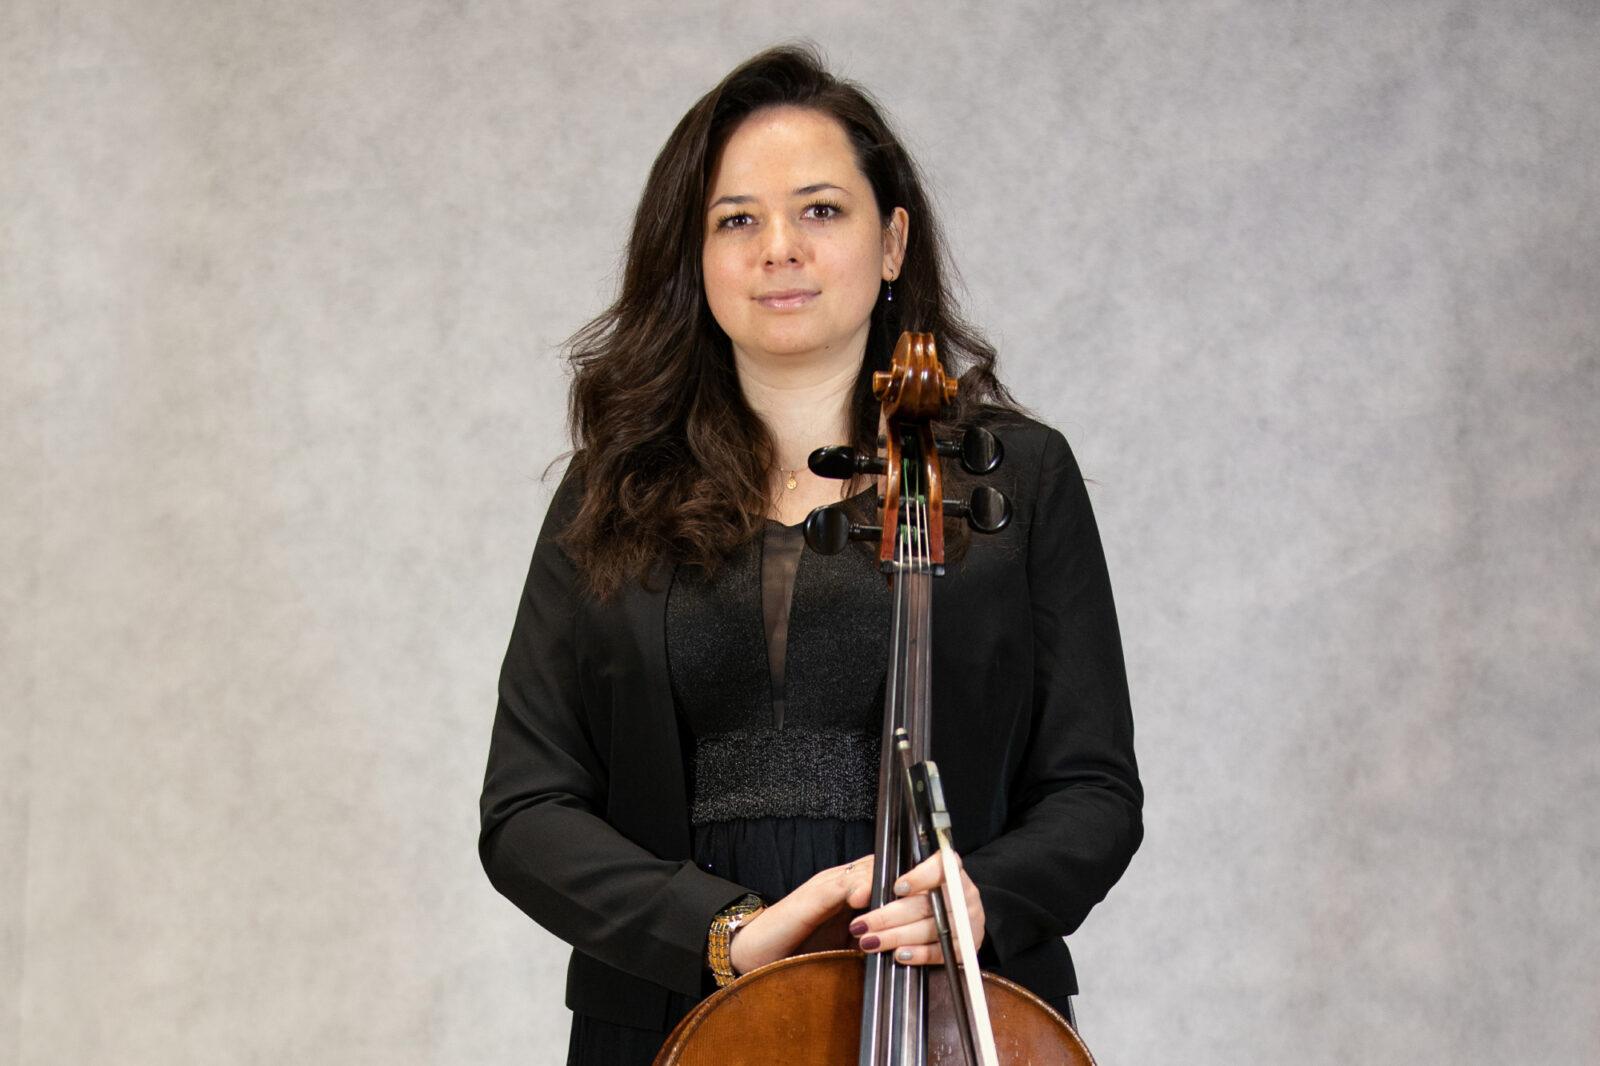 Yuliia Bezushkevych